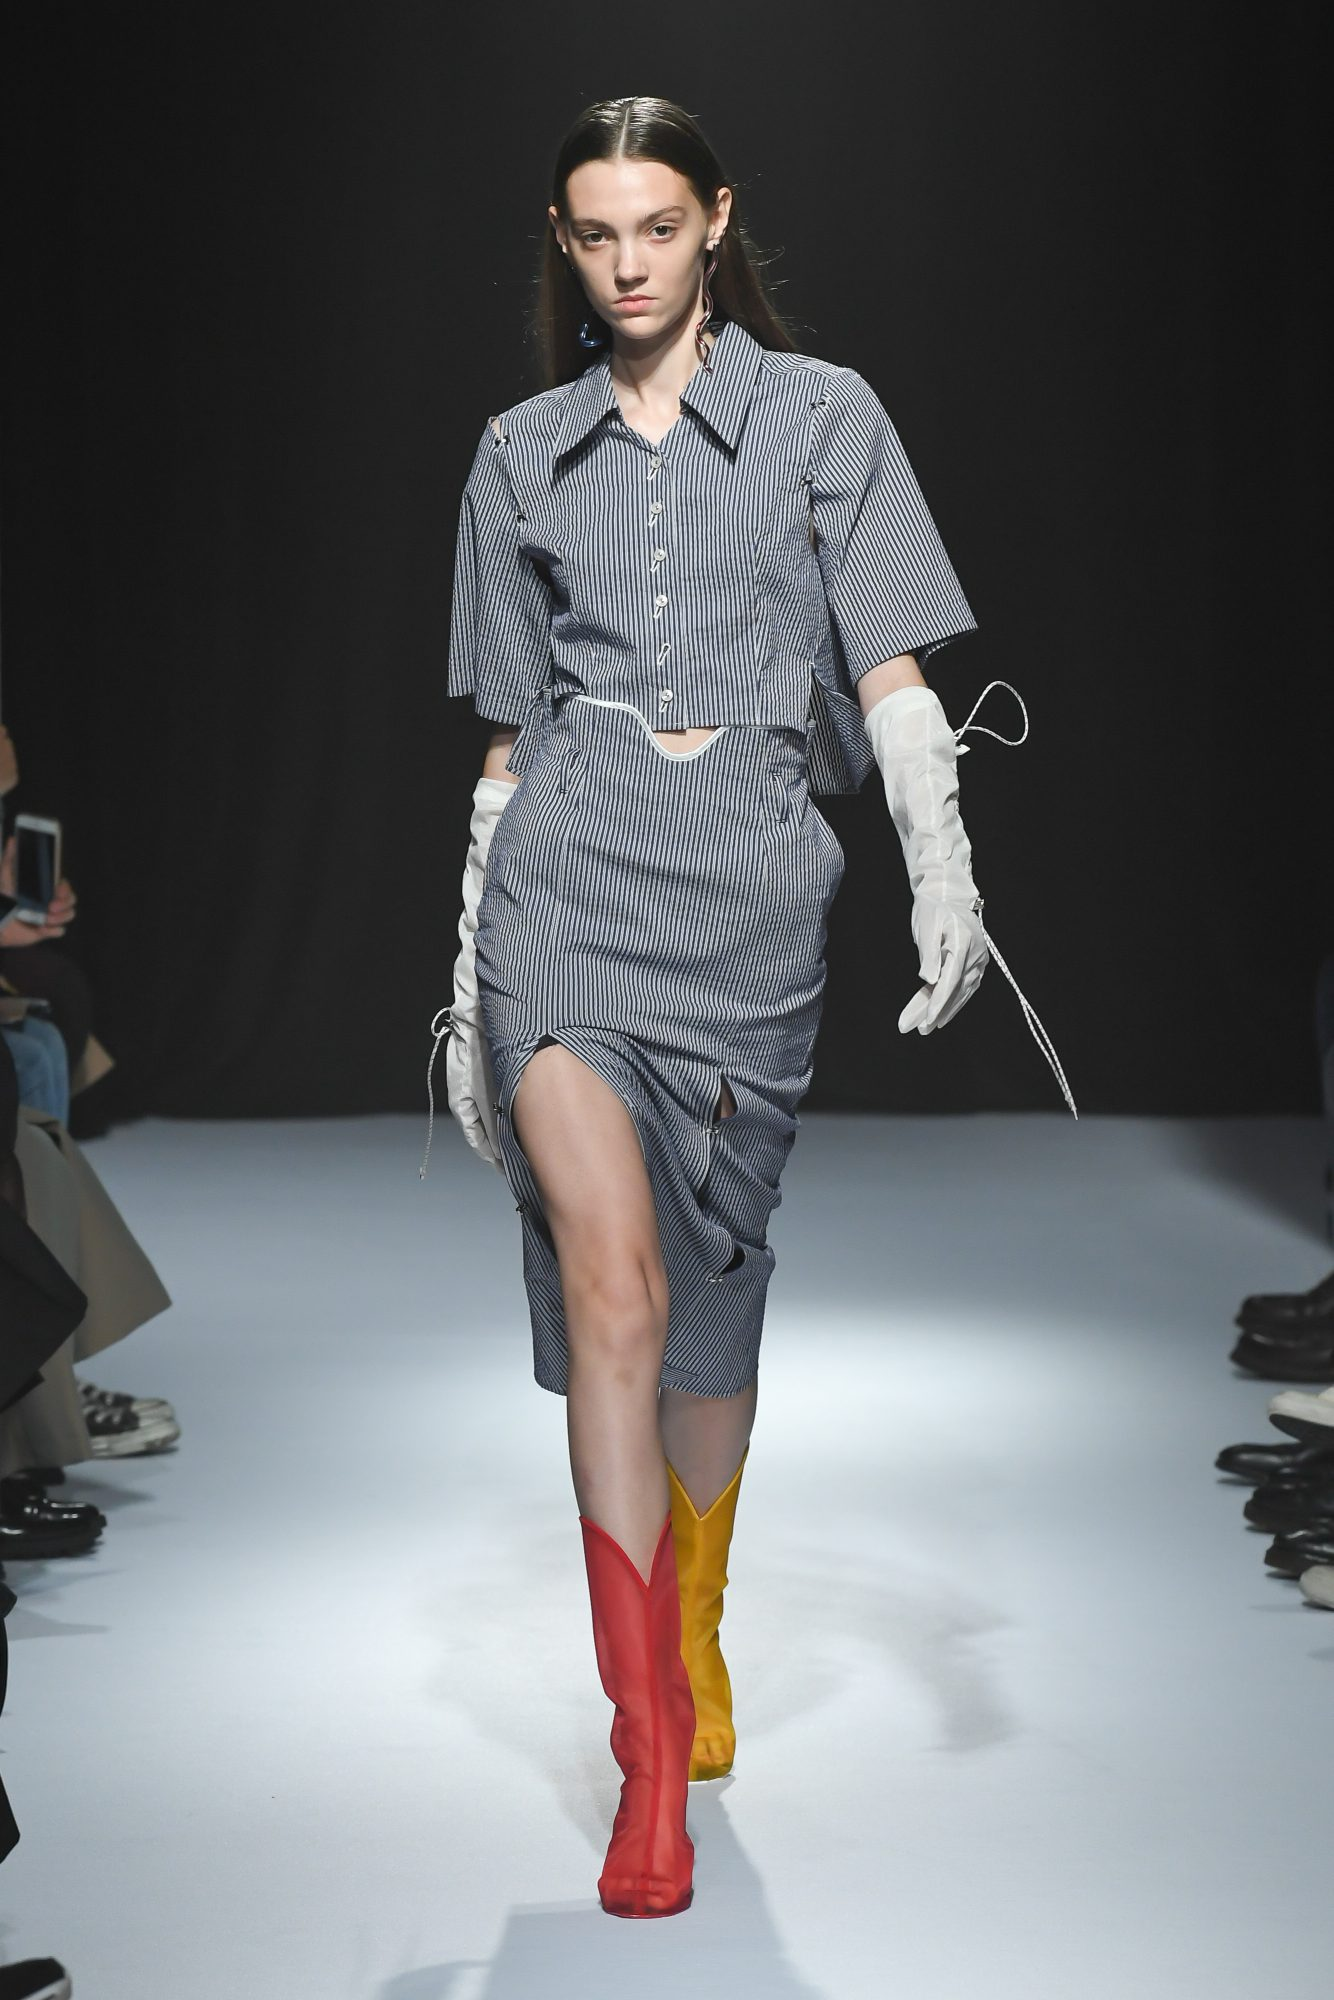 runwayshoes.jpg